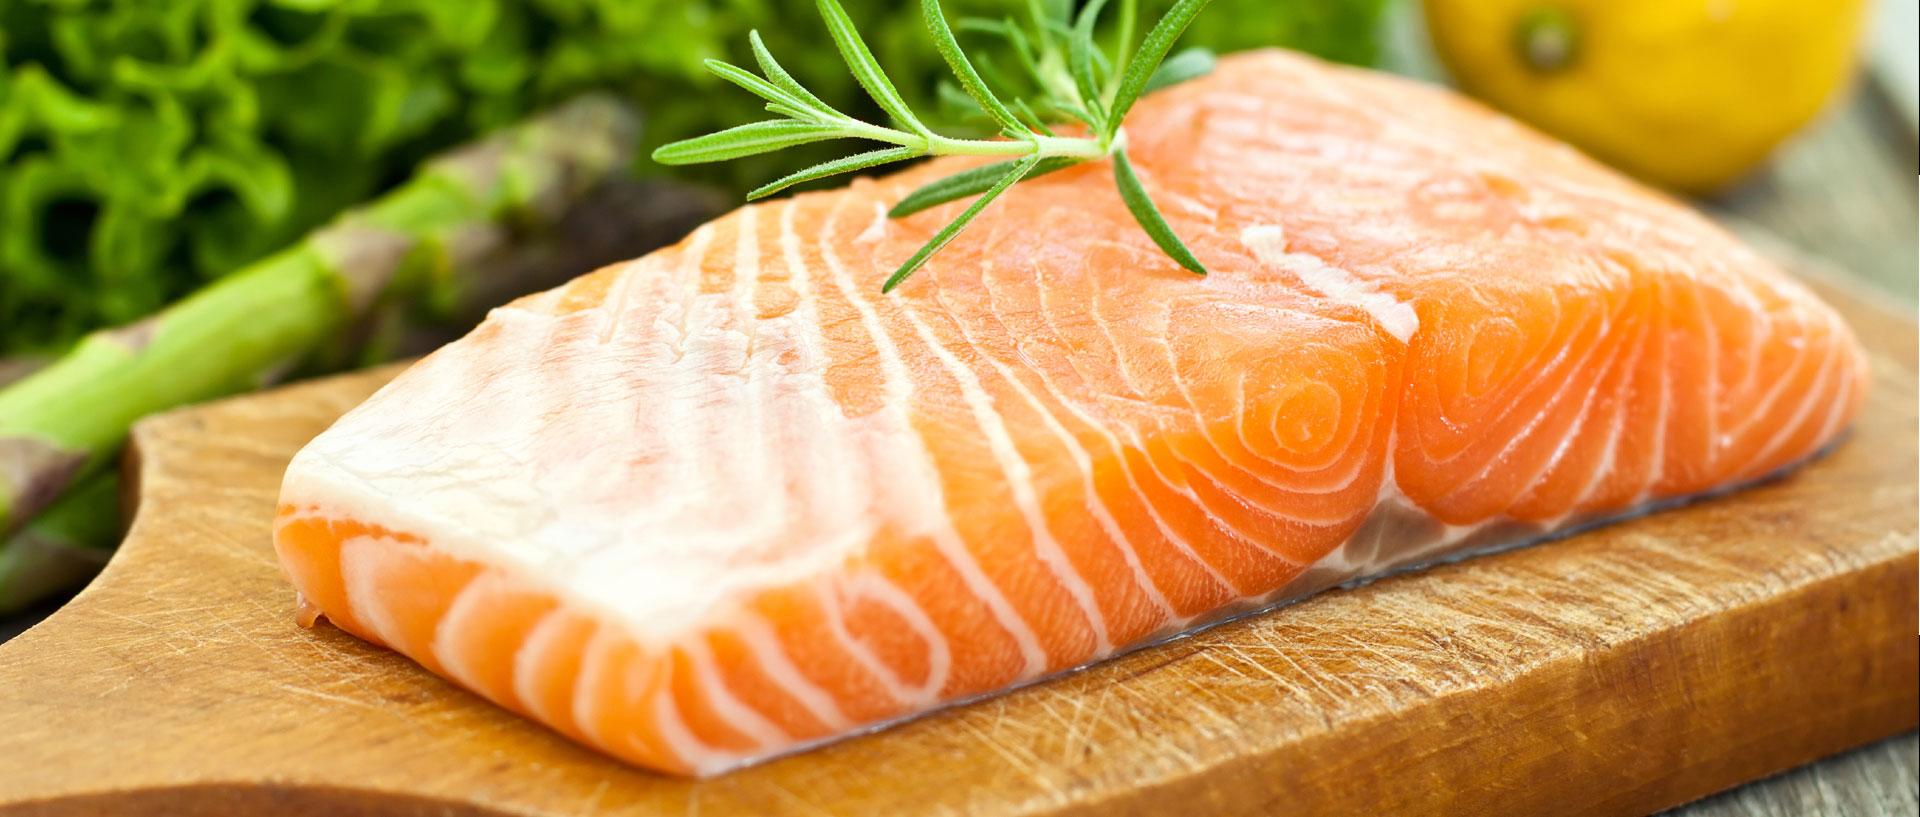 Il salmone fresco ci fa dono di omega 3, fosforo e vitamina B12, anch'essa indispensabile per il corretto funzionamento del sistema nervoso.